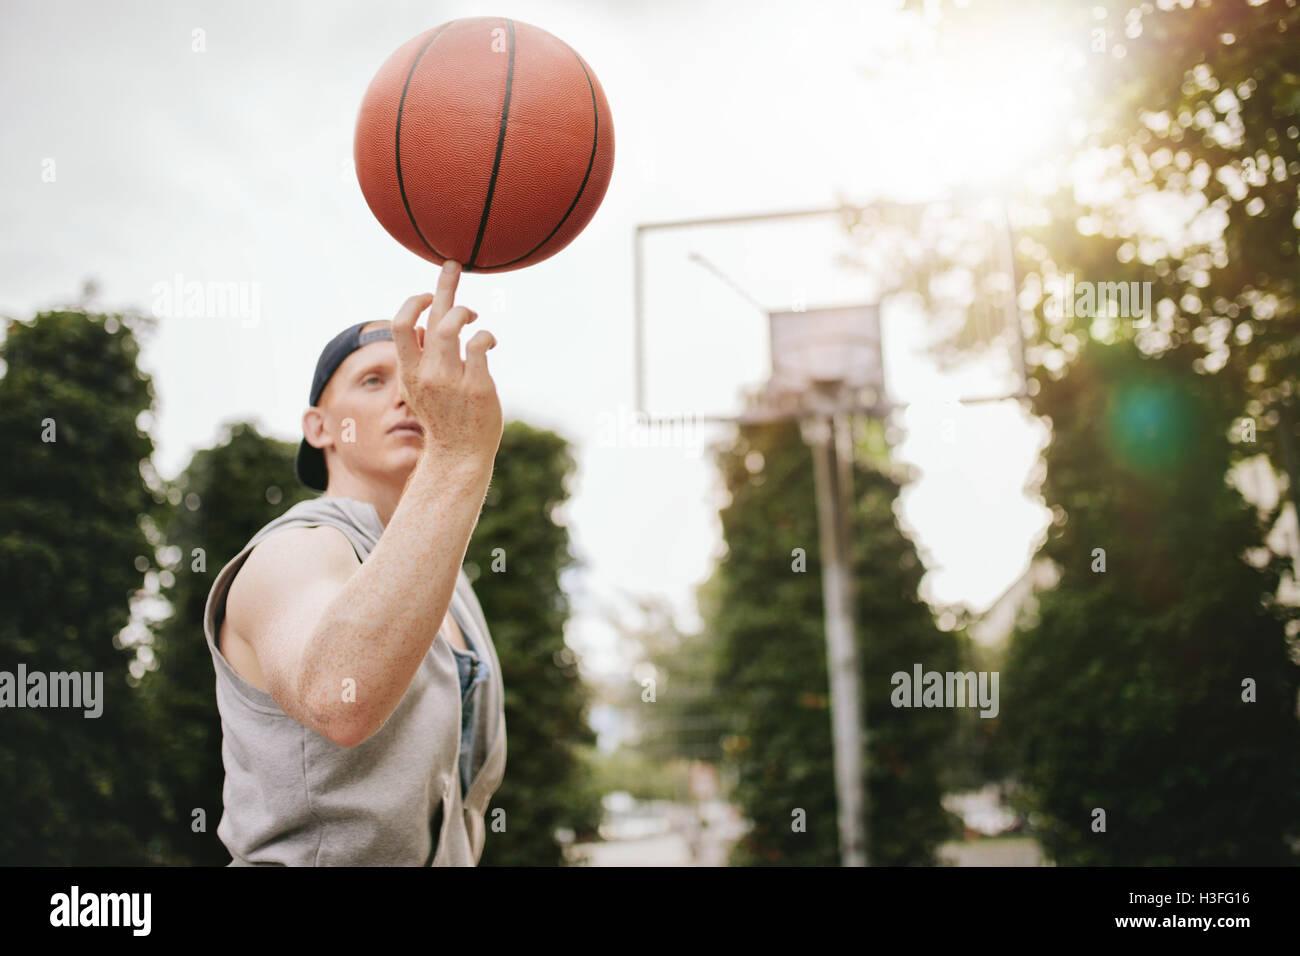 Jeune homme basket-ball d'équilibrage sur le doigt sur une cour. Joueur de Streetball de faire tourner Photo Stock